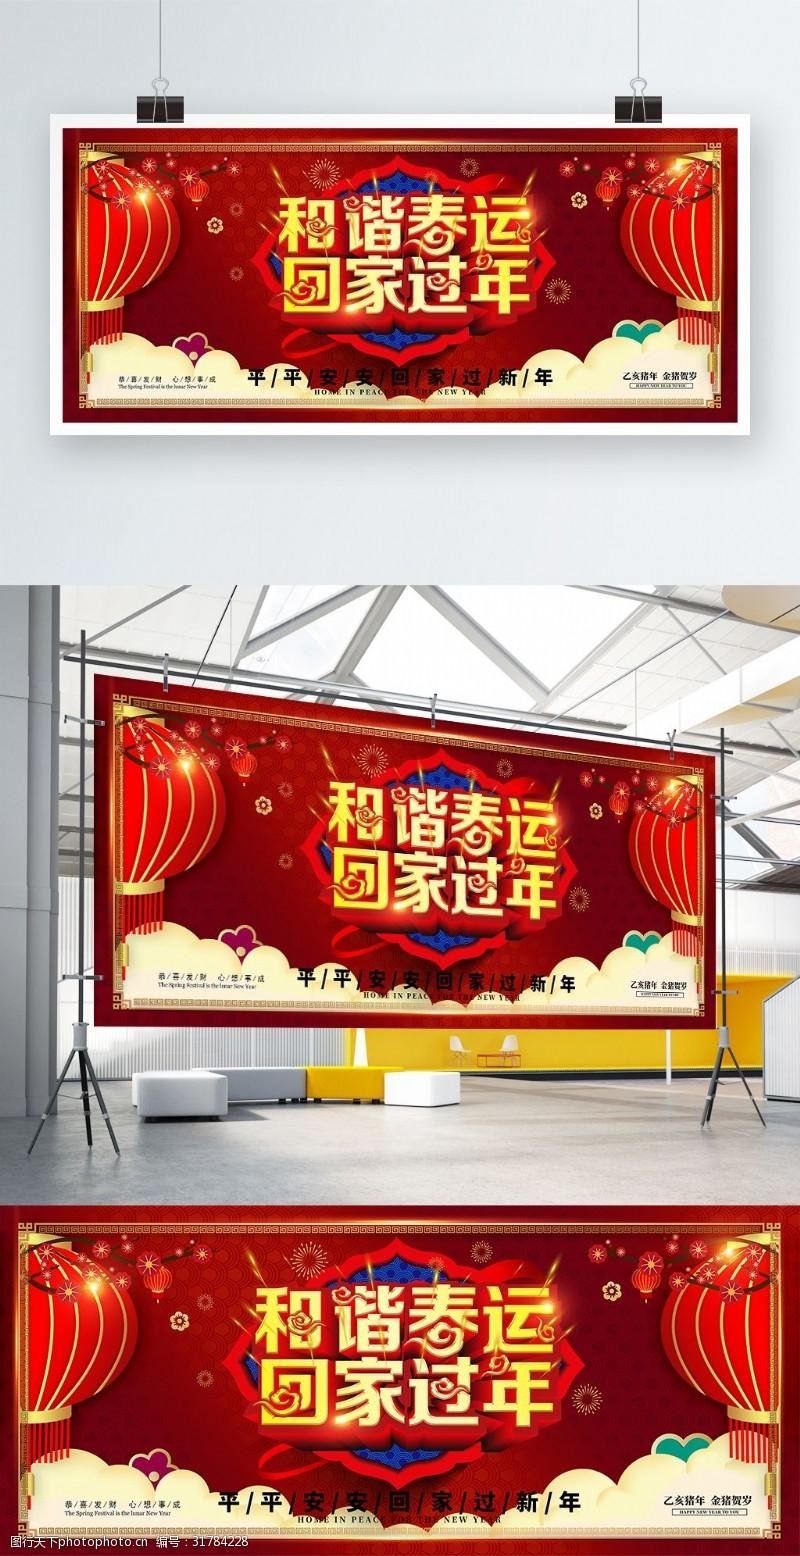 烟花花红金喜庆和谐平安春运回家过年春节宣传展板